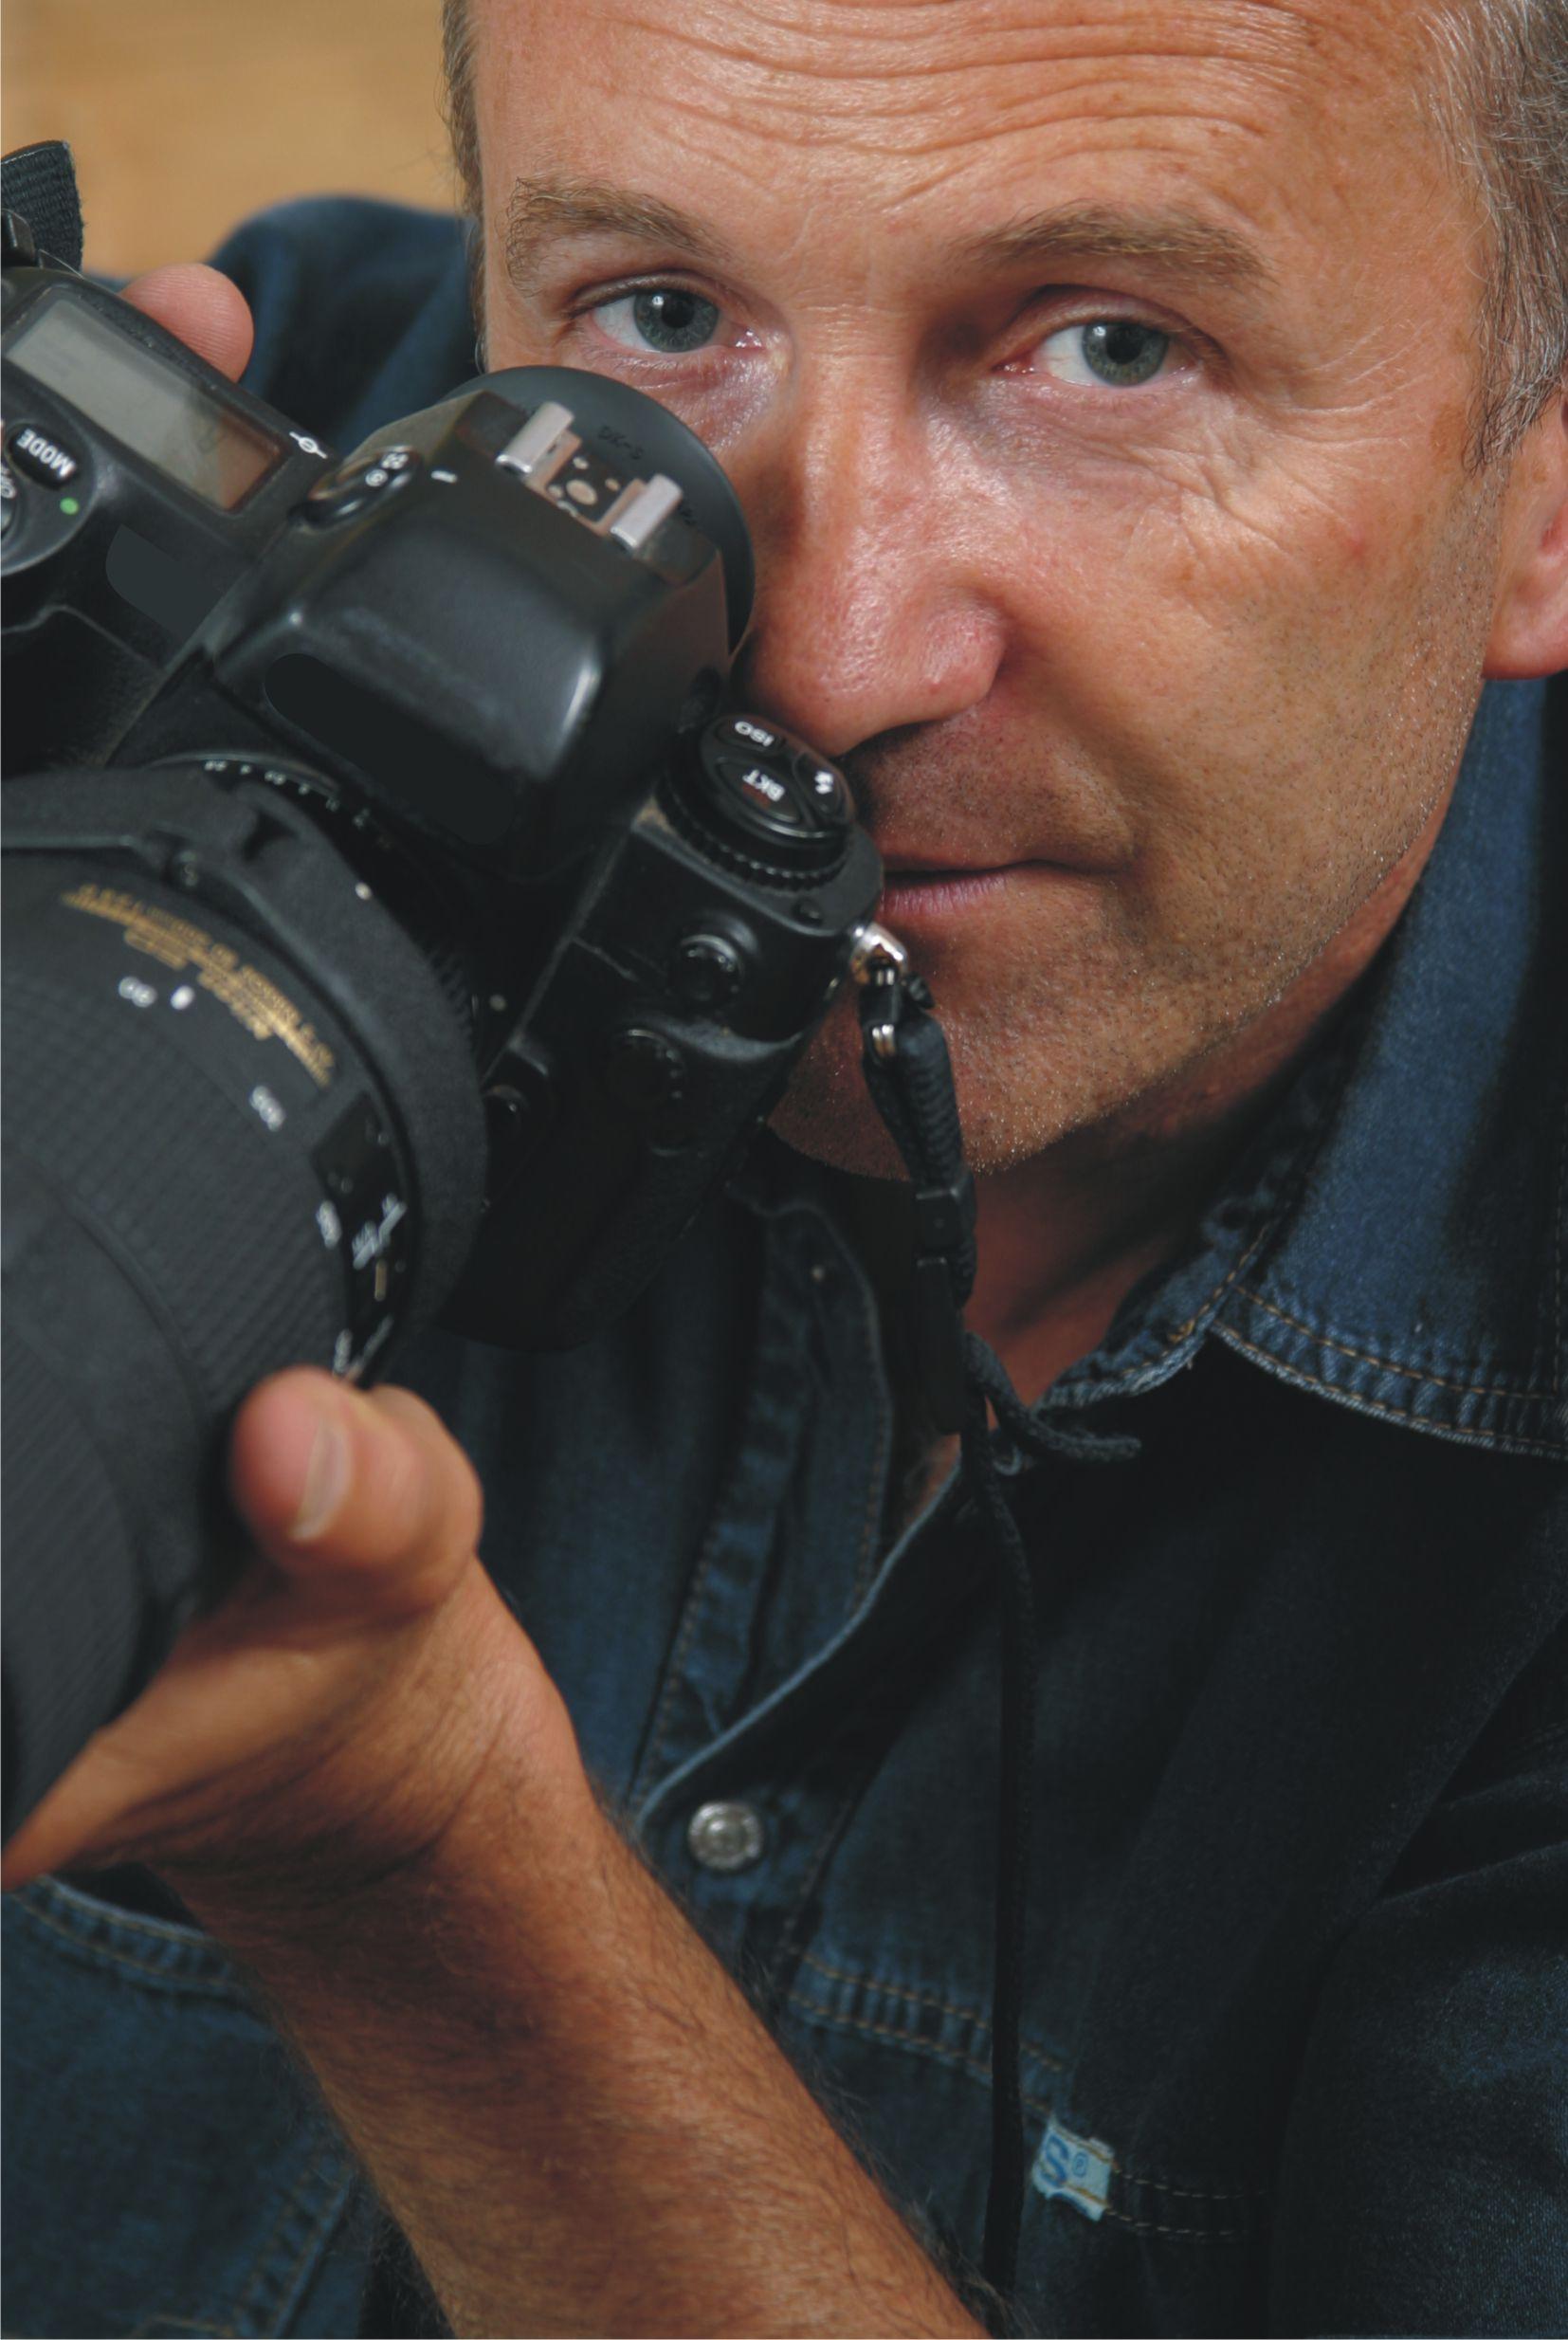 picture Jiří Kolbaba - Fotograf na cestách, splněný sen